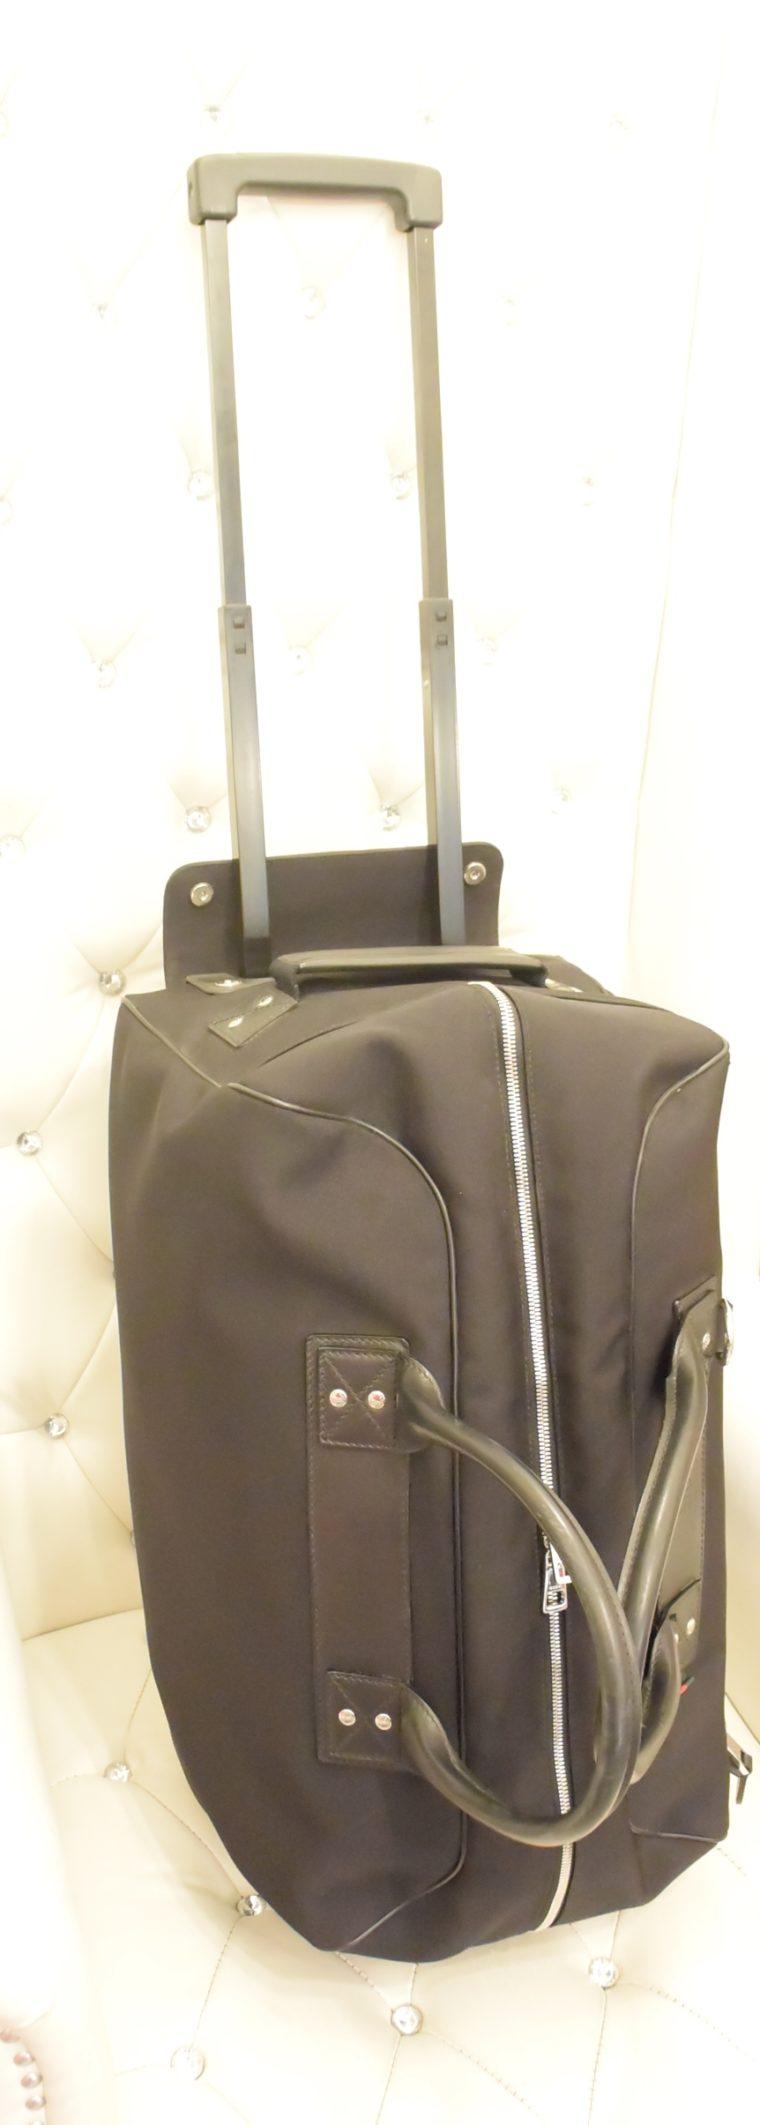 Gucci Reisetasche Trolley Koffer schwarz-13485